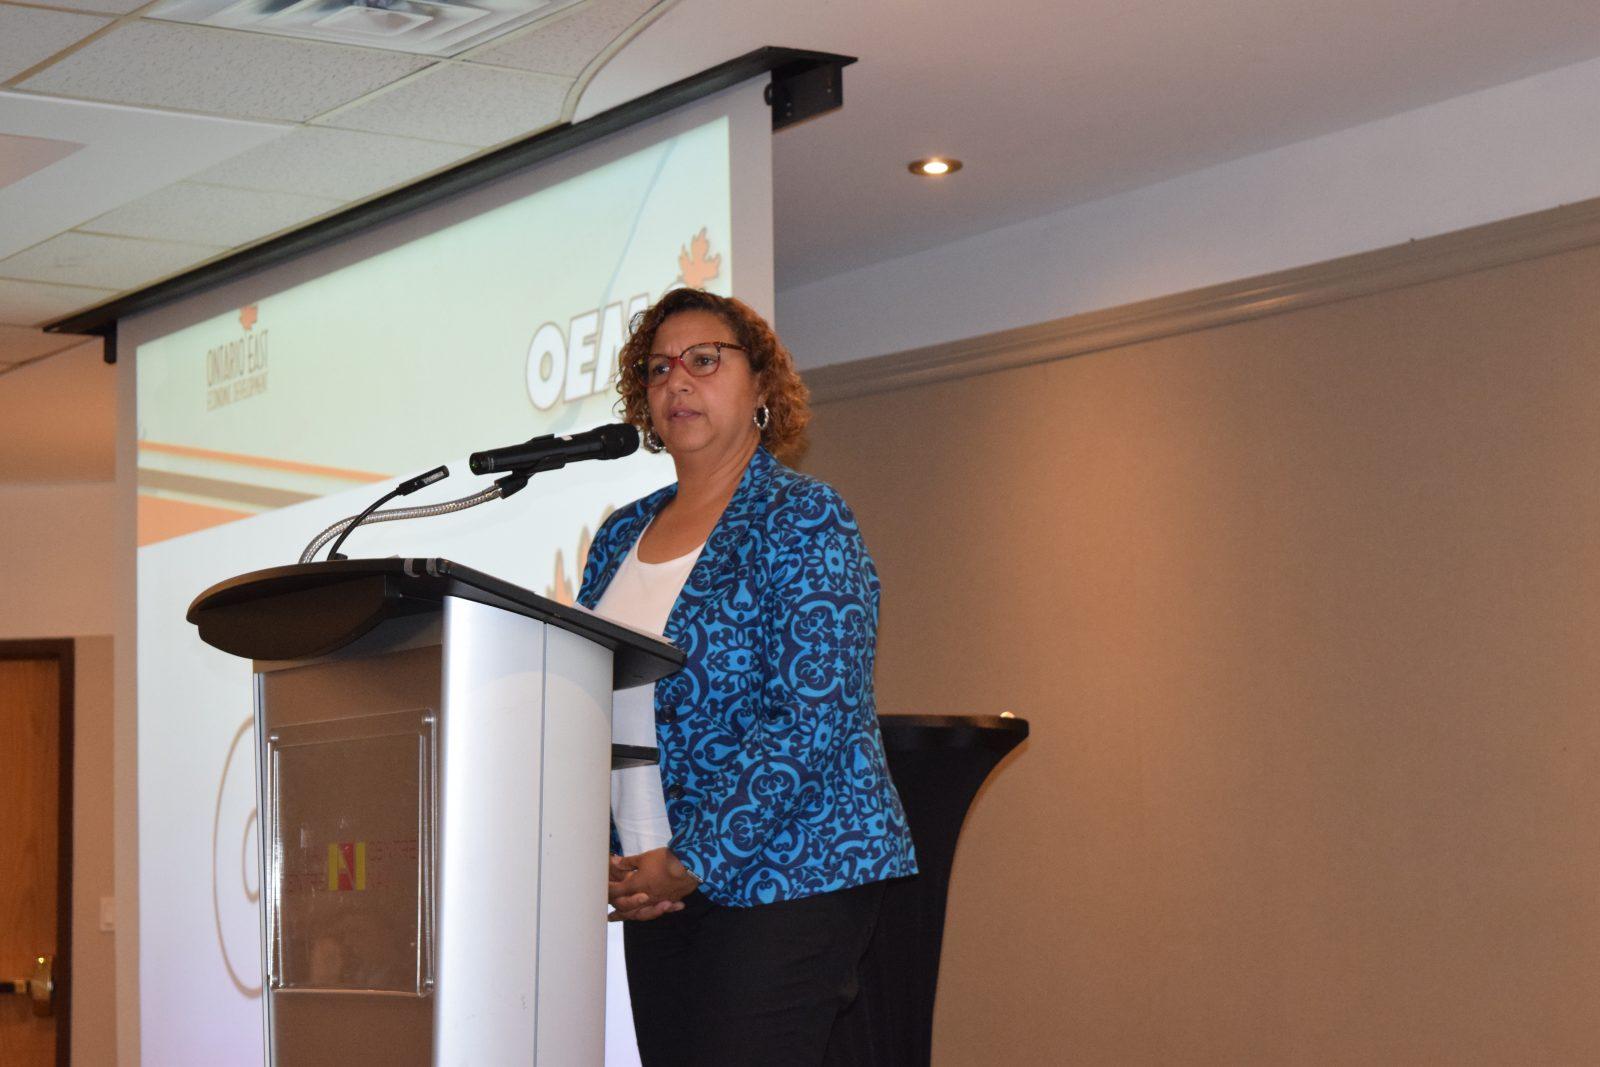 Cornwall hosts Eastern Ontario leaders